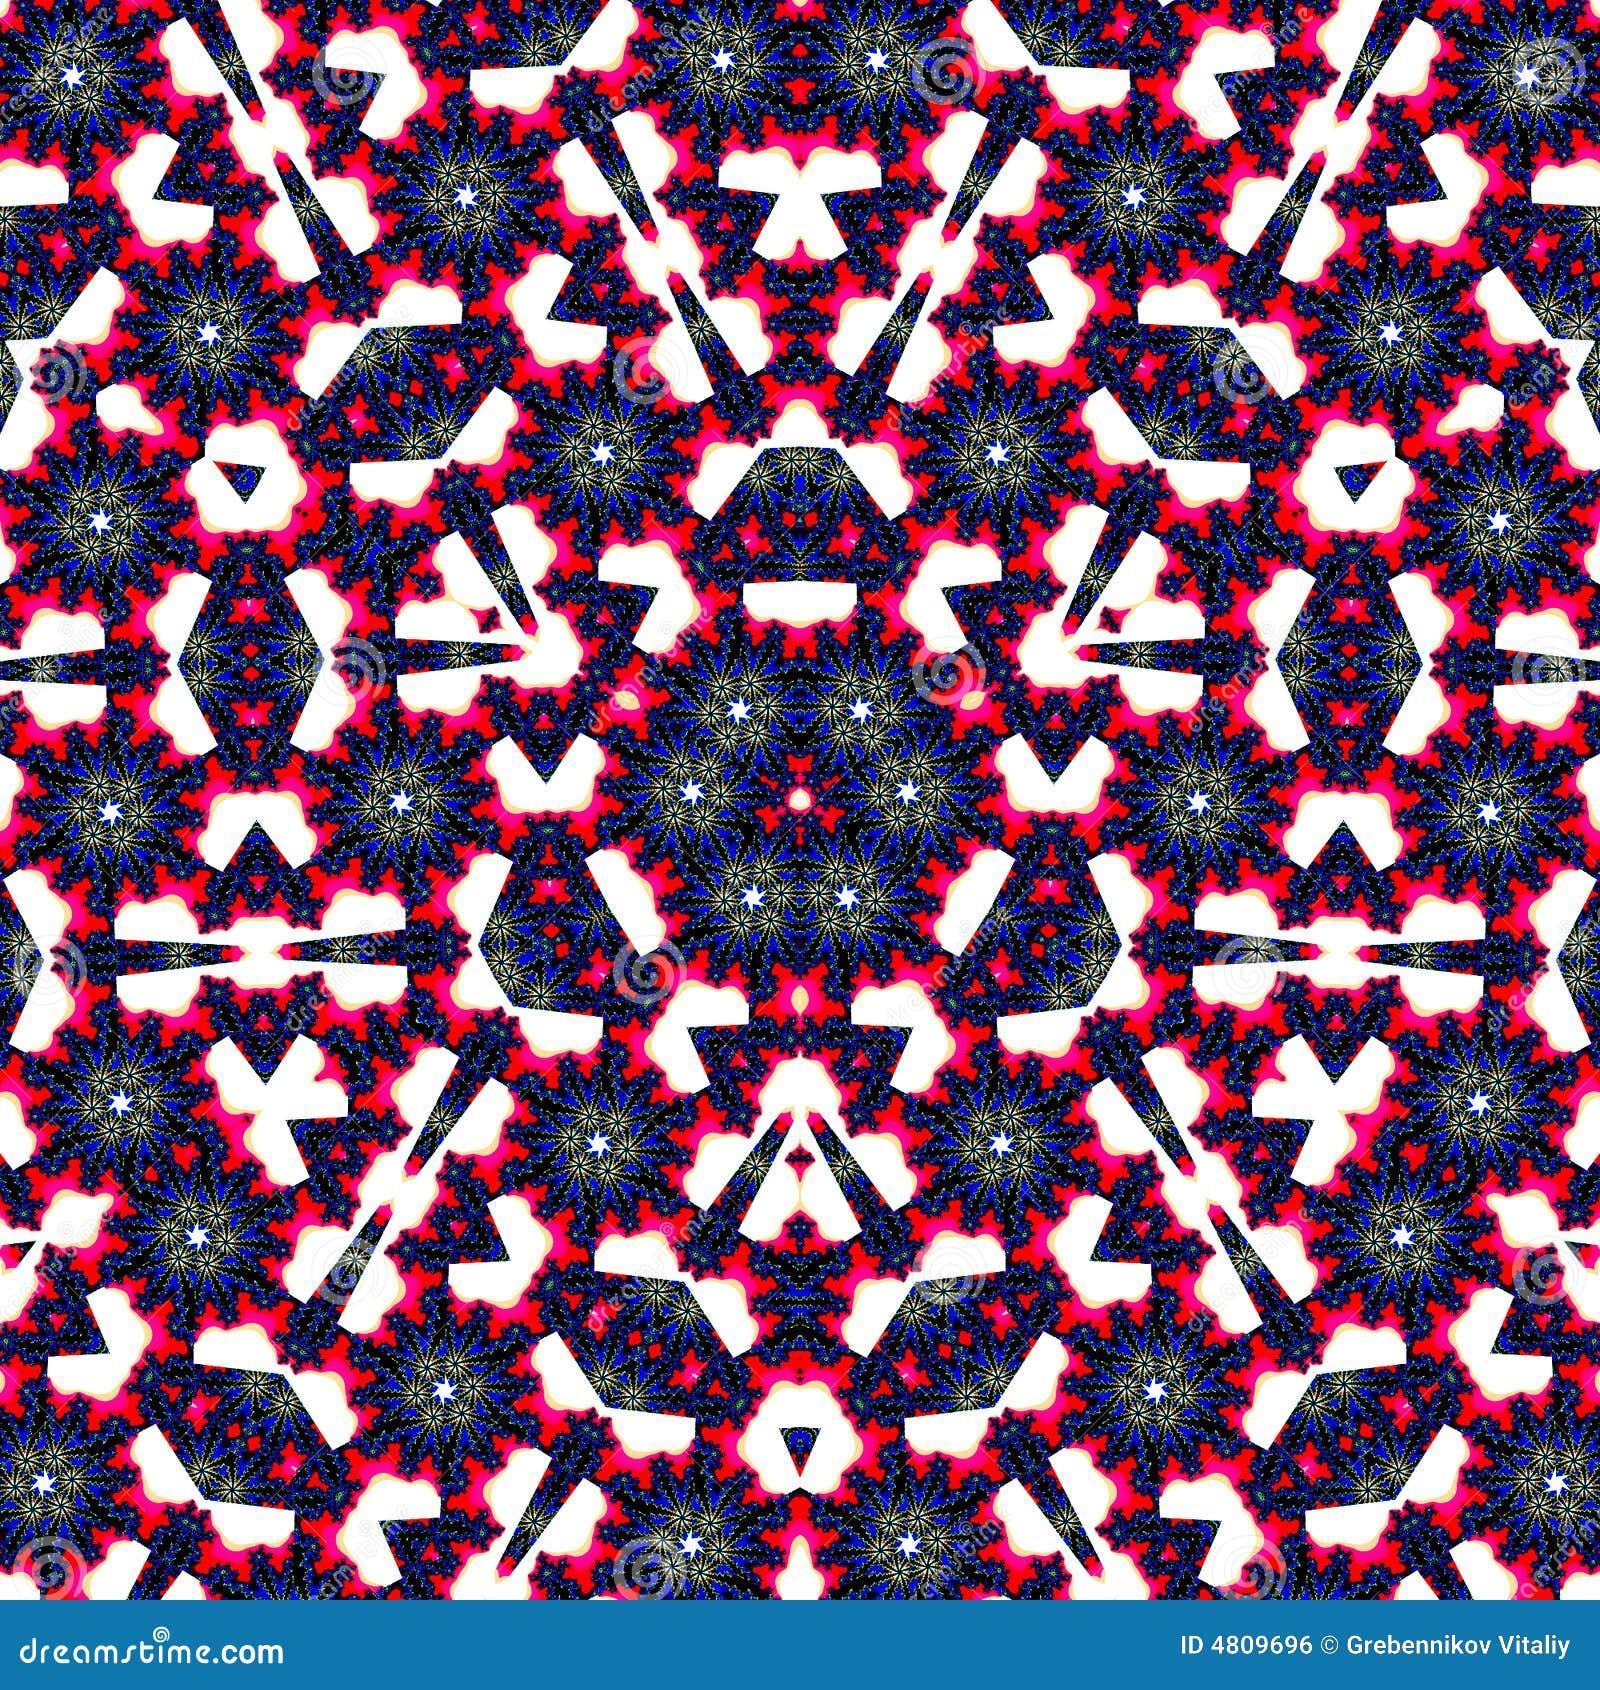 abstractstars abstract stars patterns - photo #29